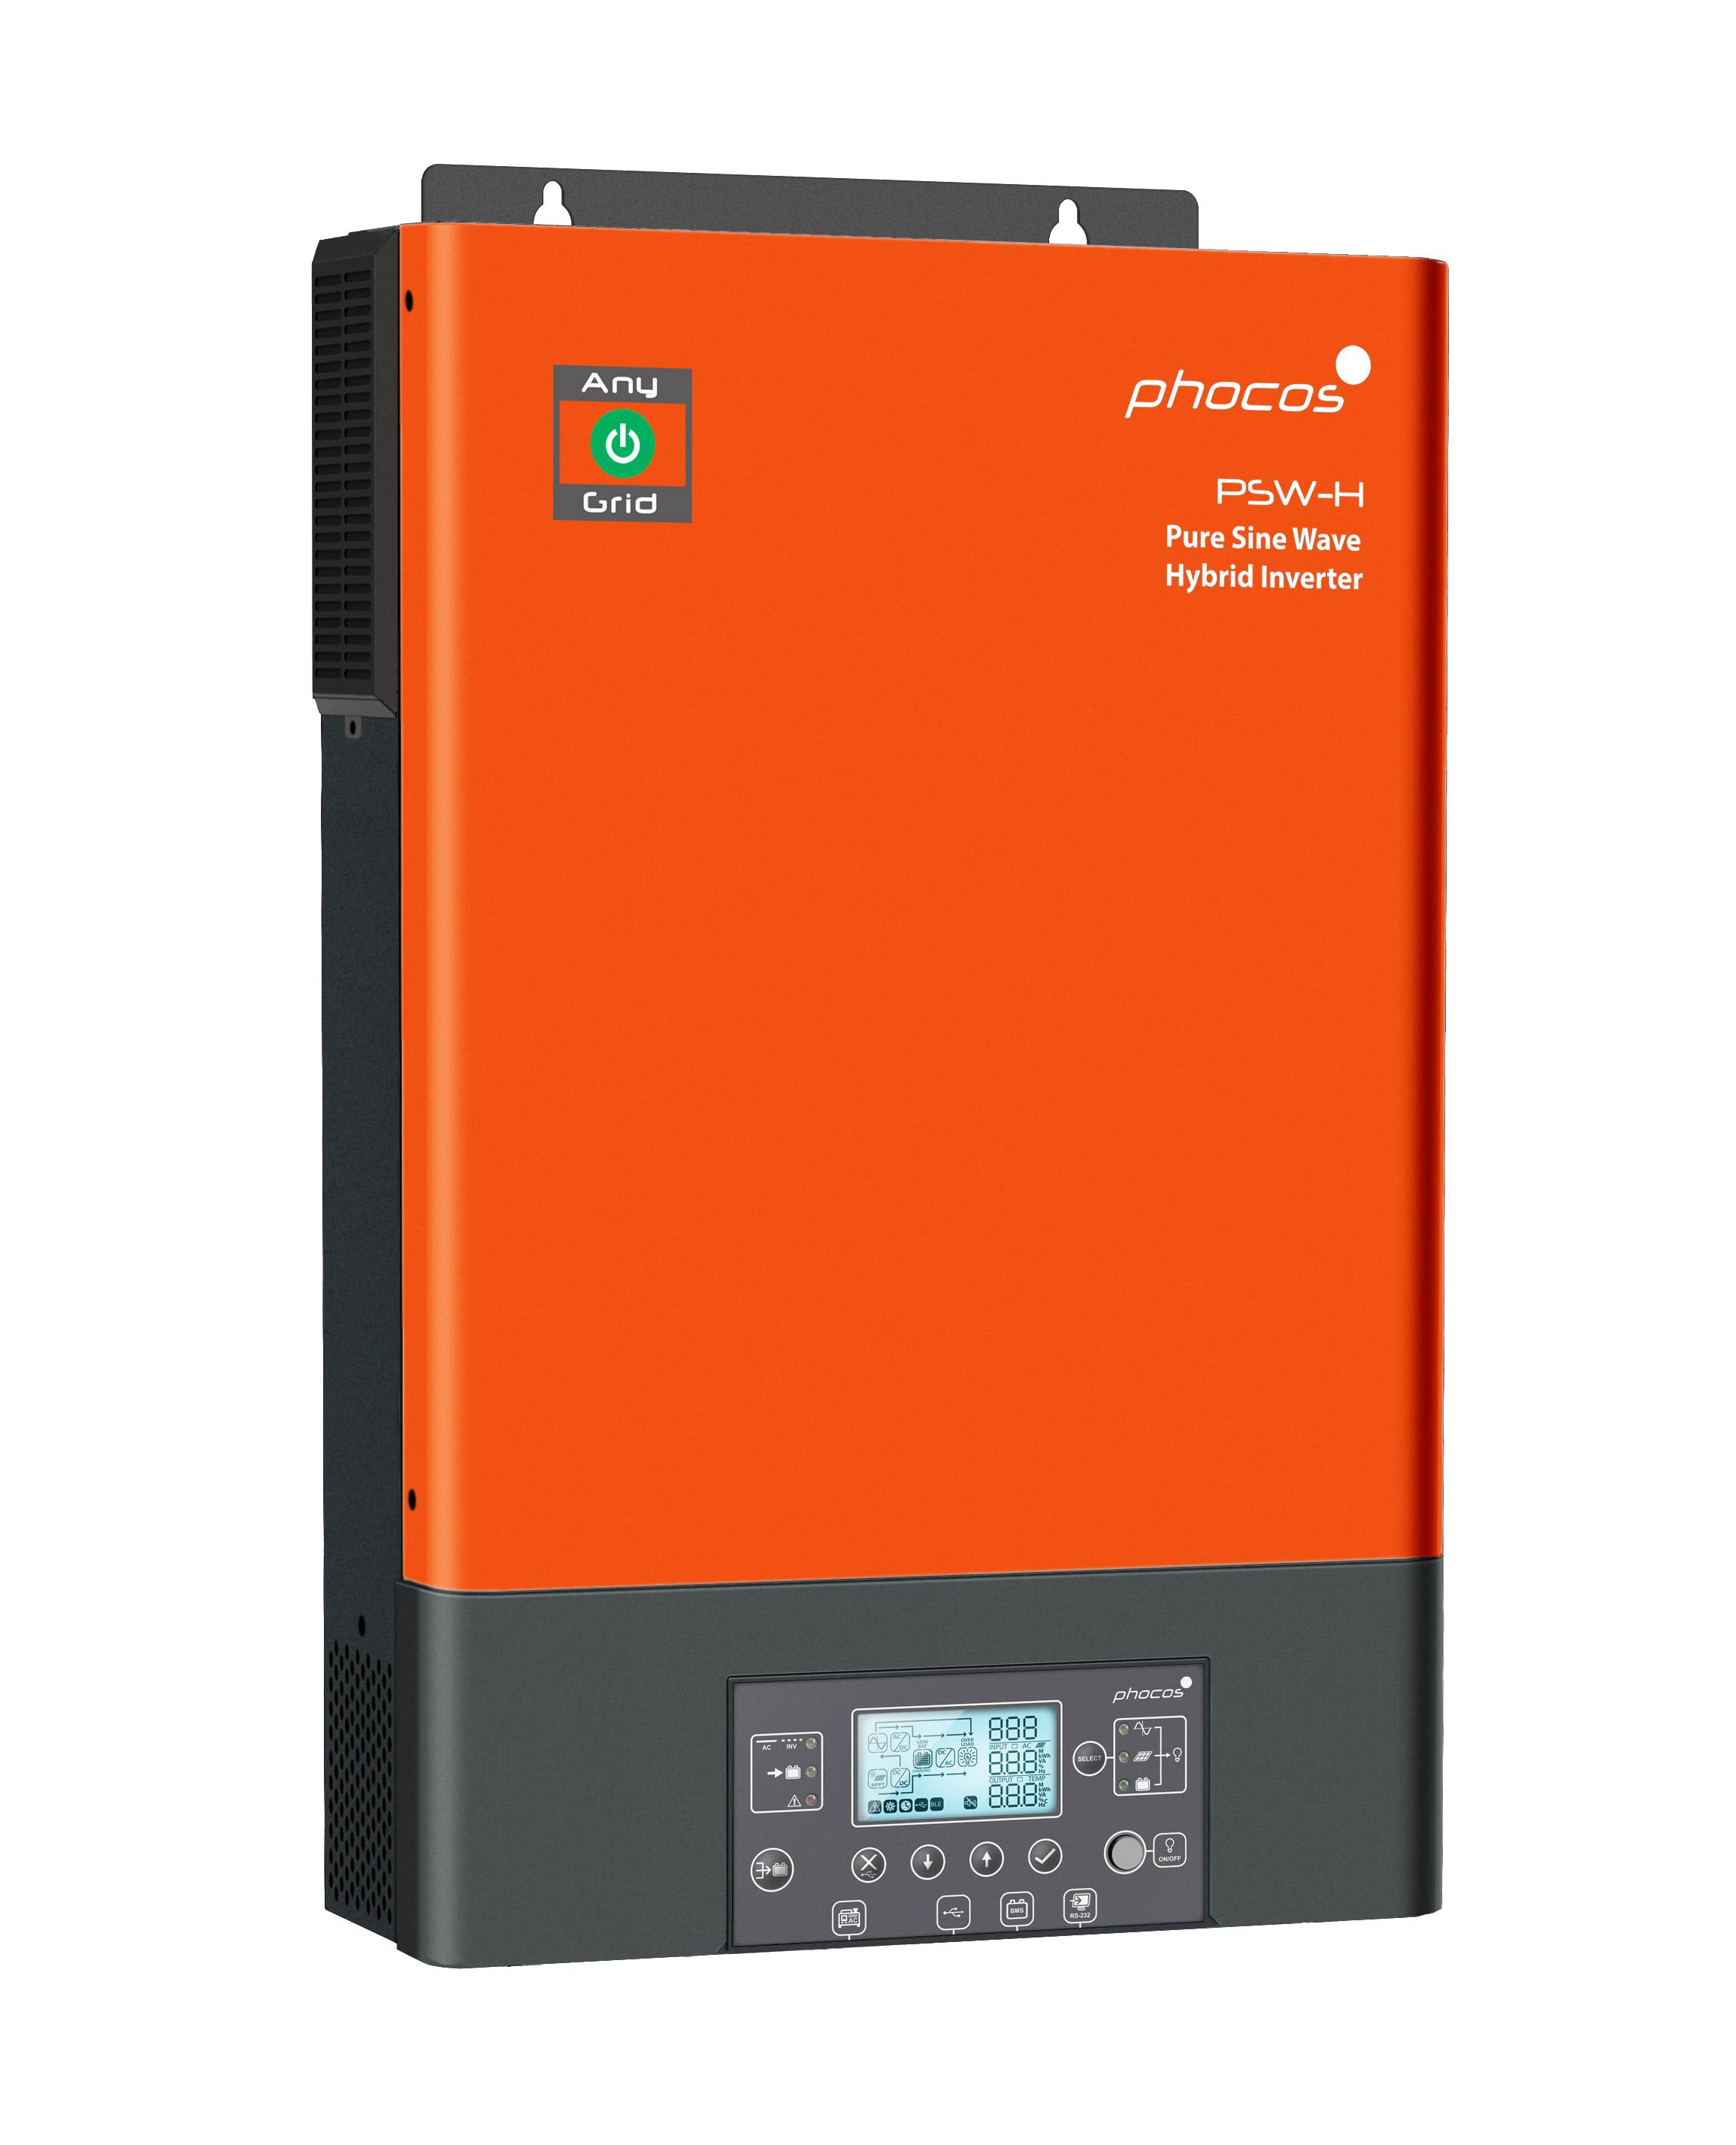 Phocos Any Grid PSW-H 3000